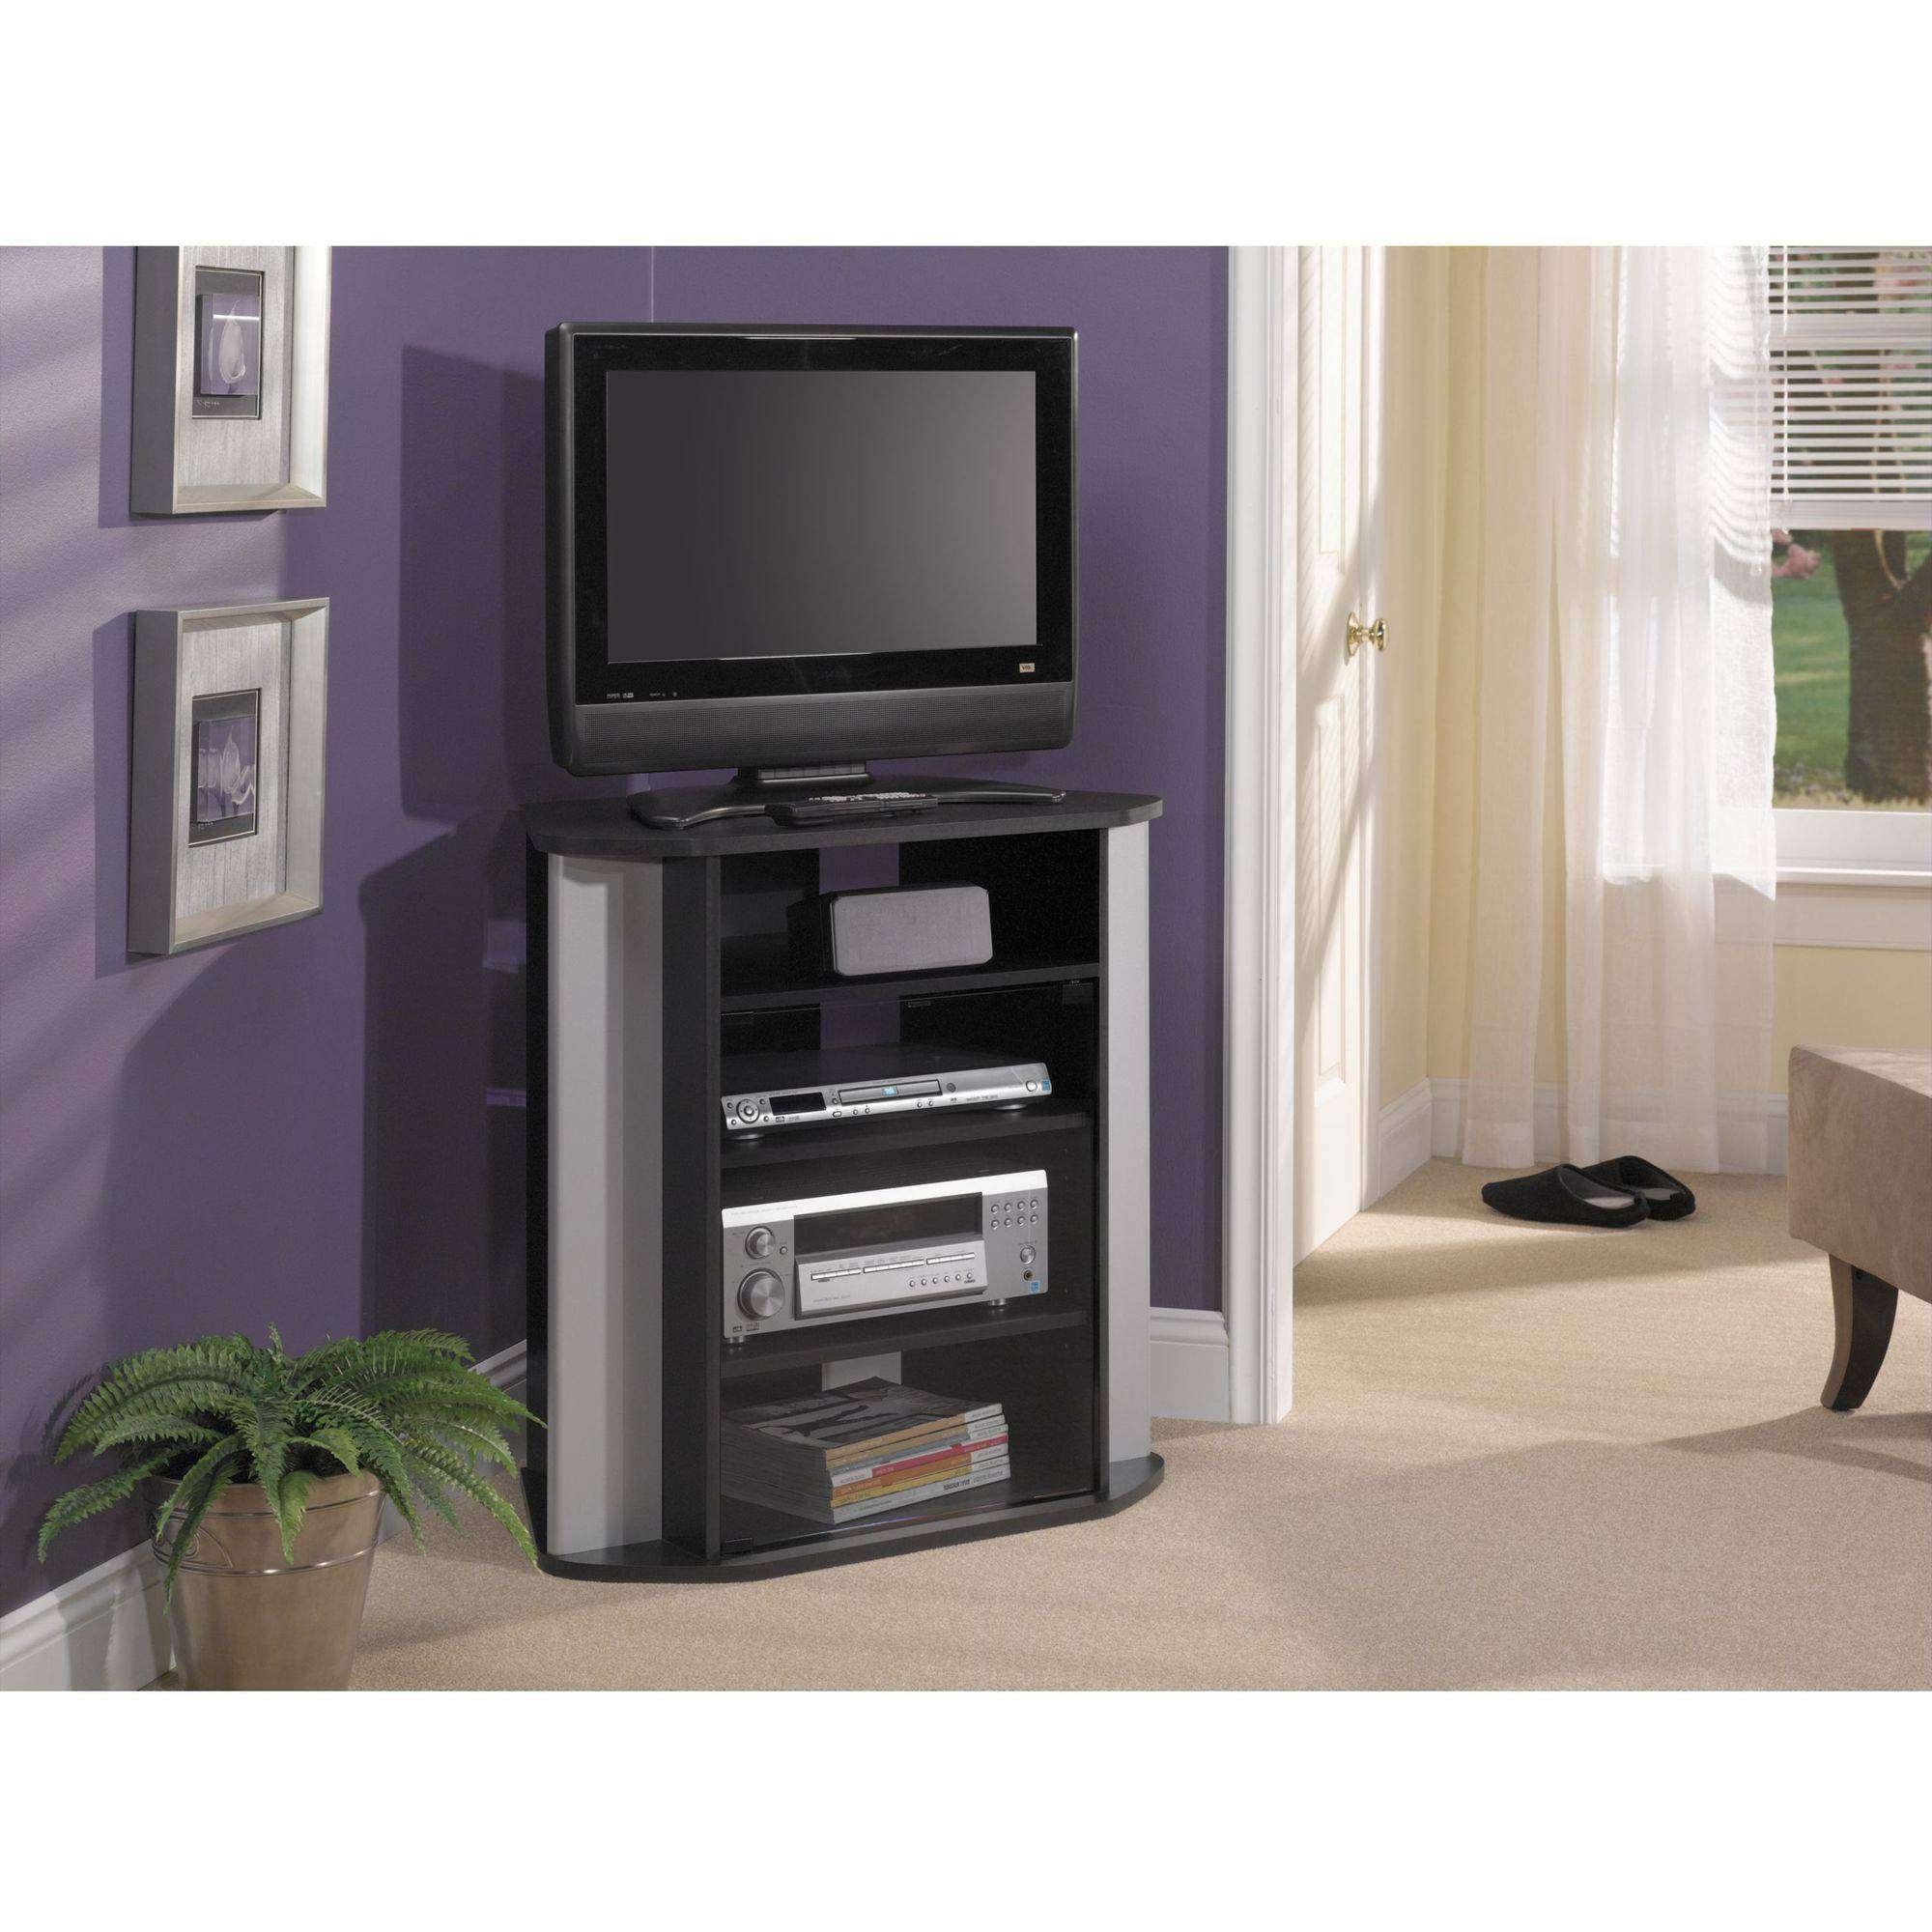 Corner Tv Stands – Walmart In Corner Tv Cabinets For Flat Screens With Doors (View 5 of 20)